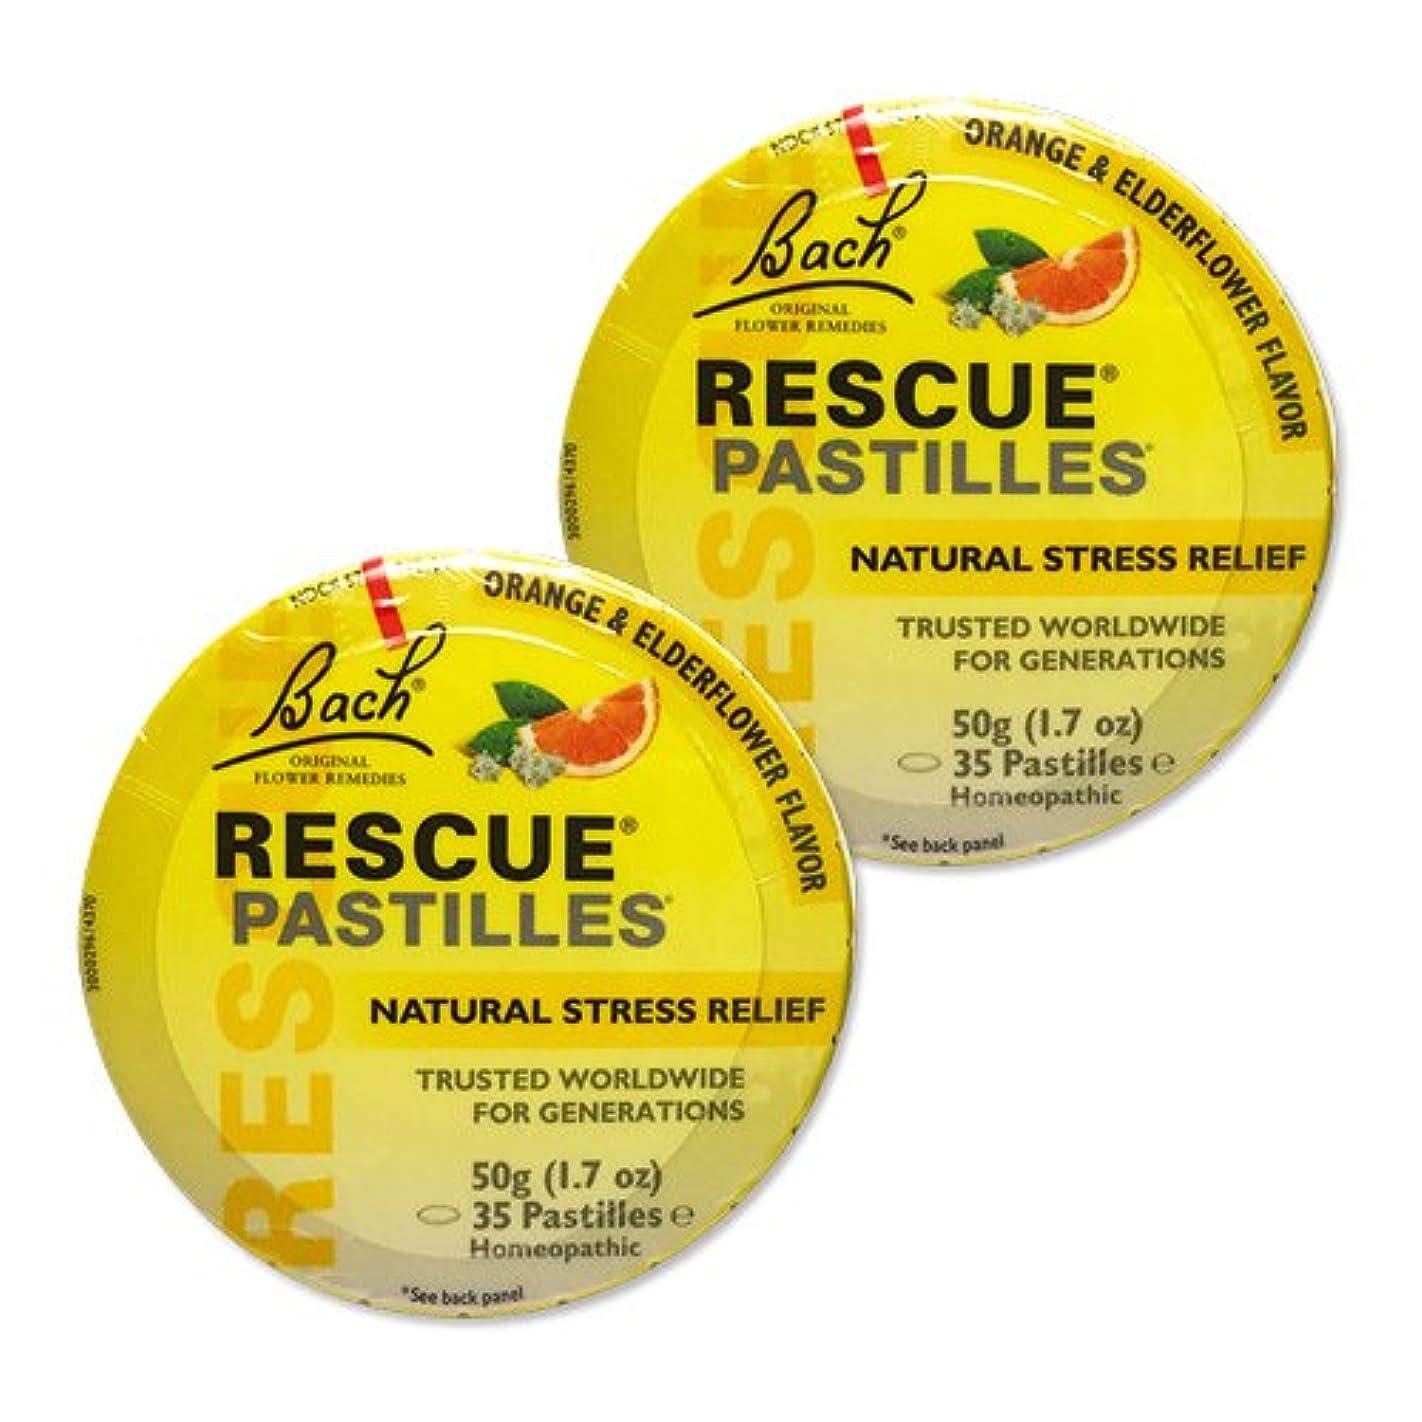 球体滅多【2個セット】 [海外直送品]バッチフラワー レスキューレメディー パステル(オレンジ) Rescue Pastilles: For Occasional...